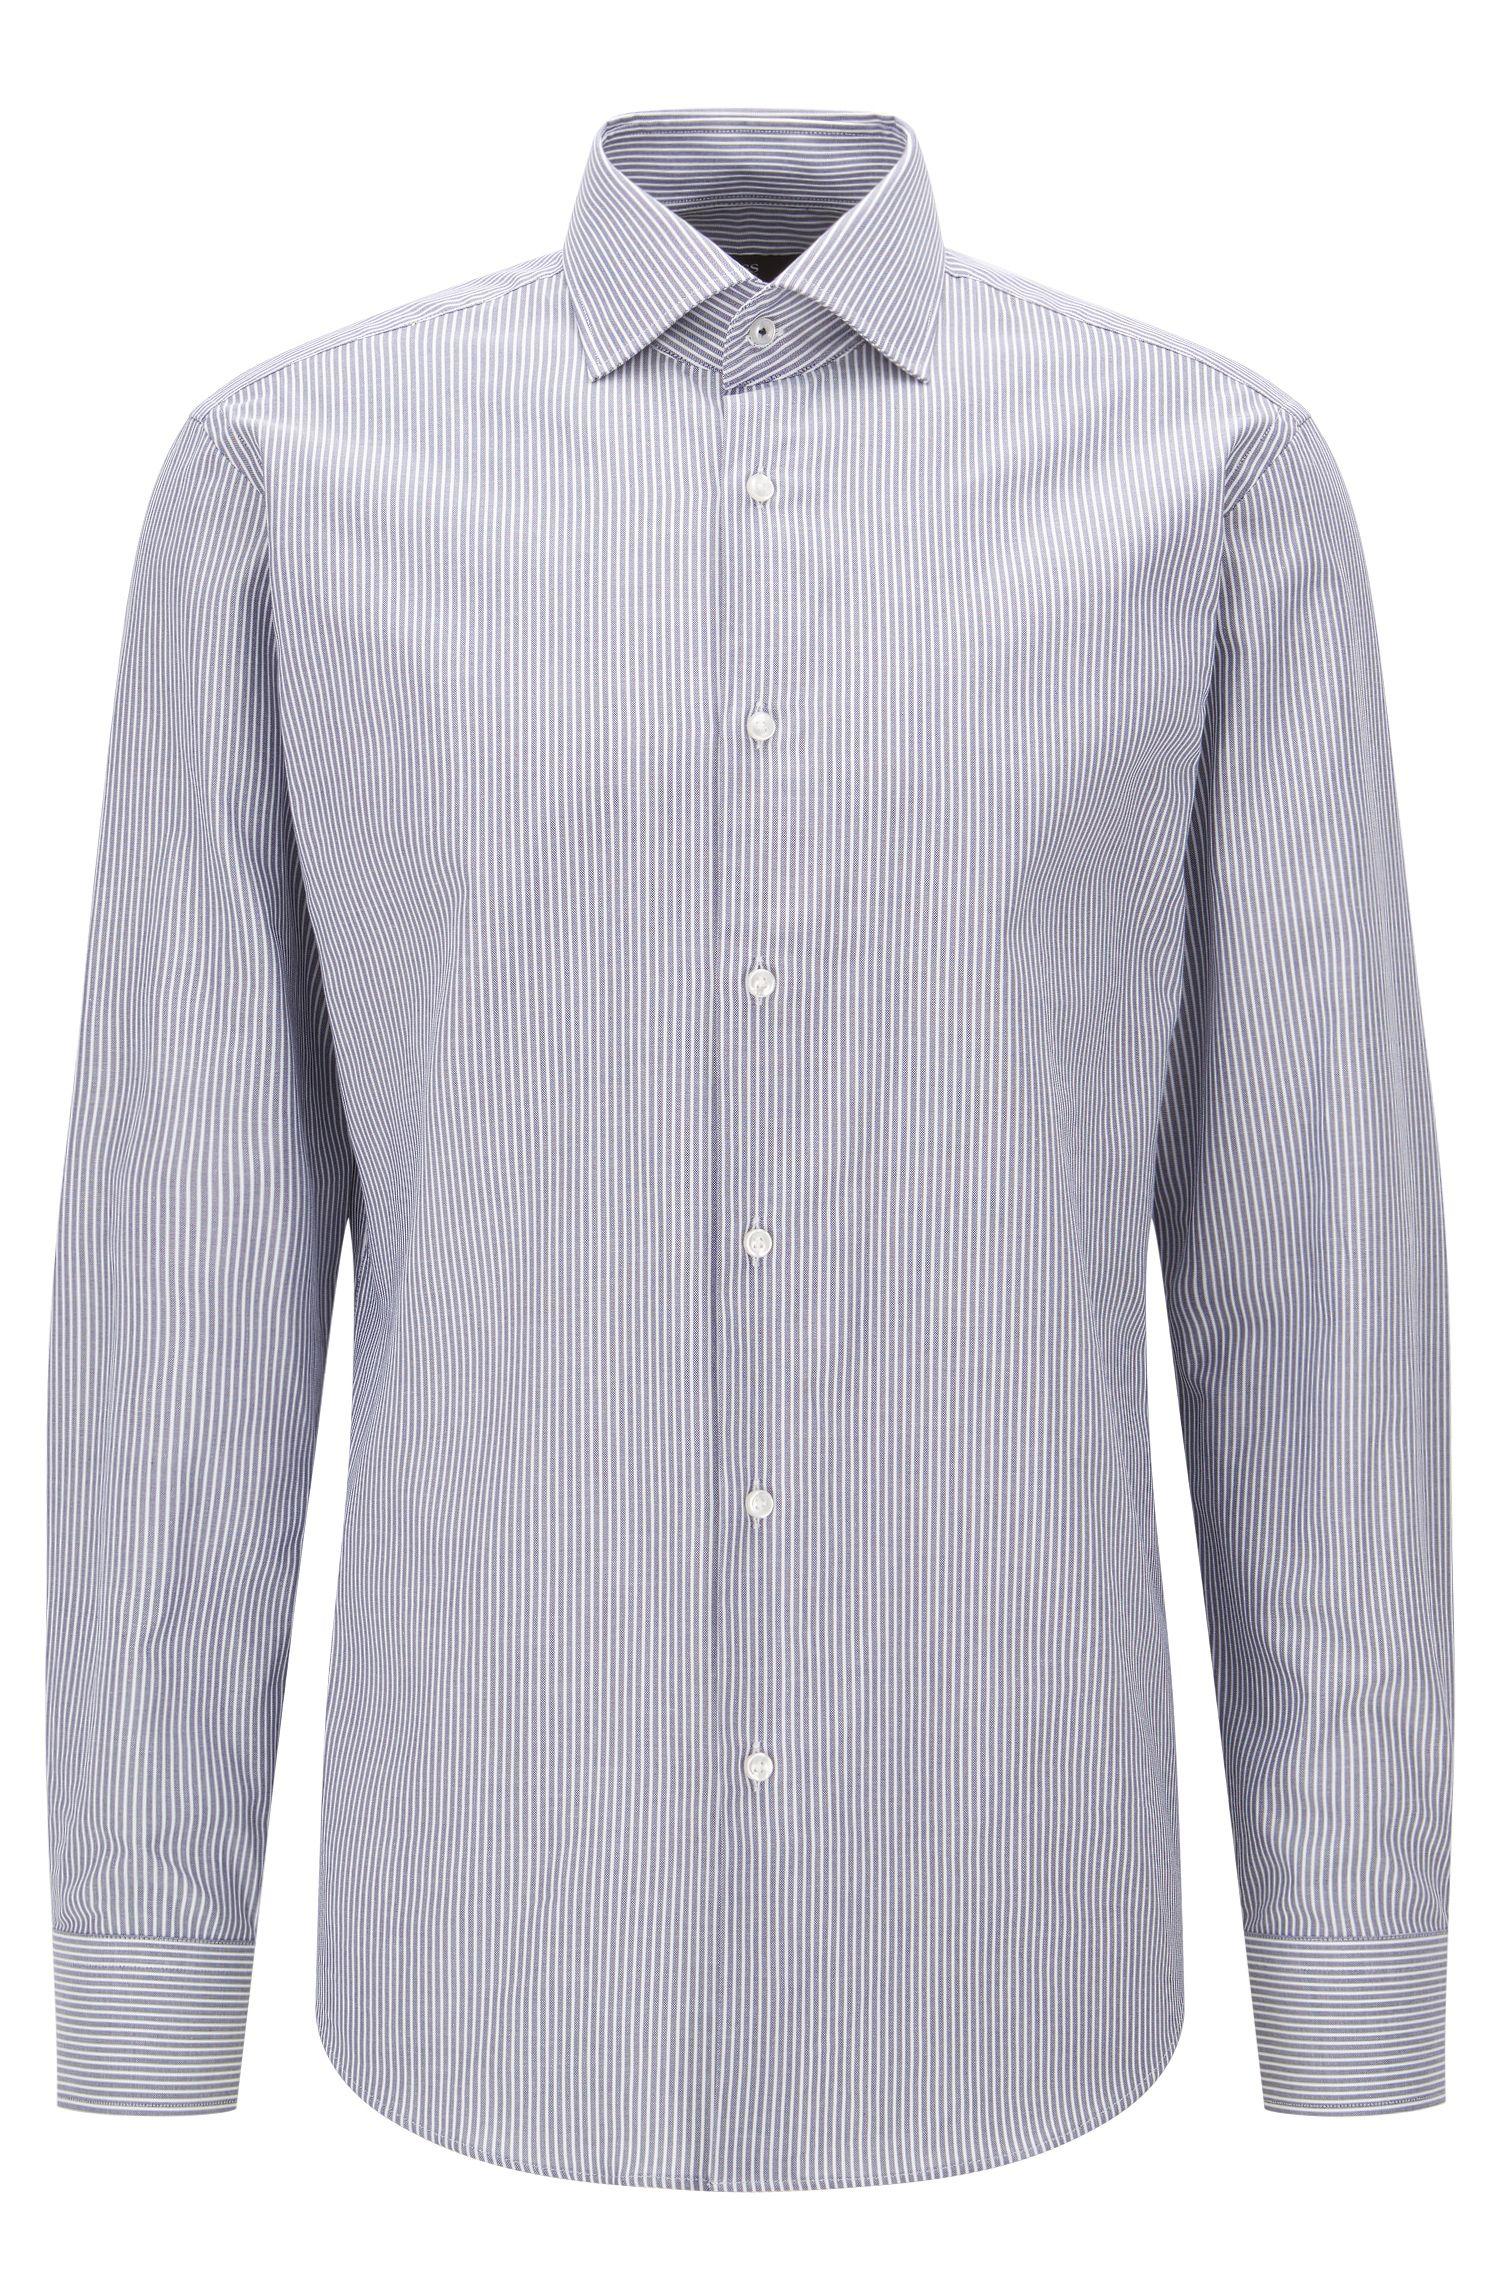 'Gert'   Regular Fit, Striped Oxford Cotton Dress Shirt